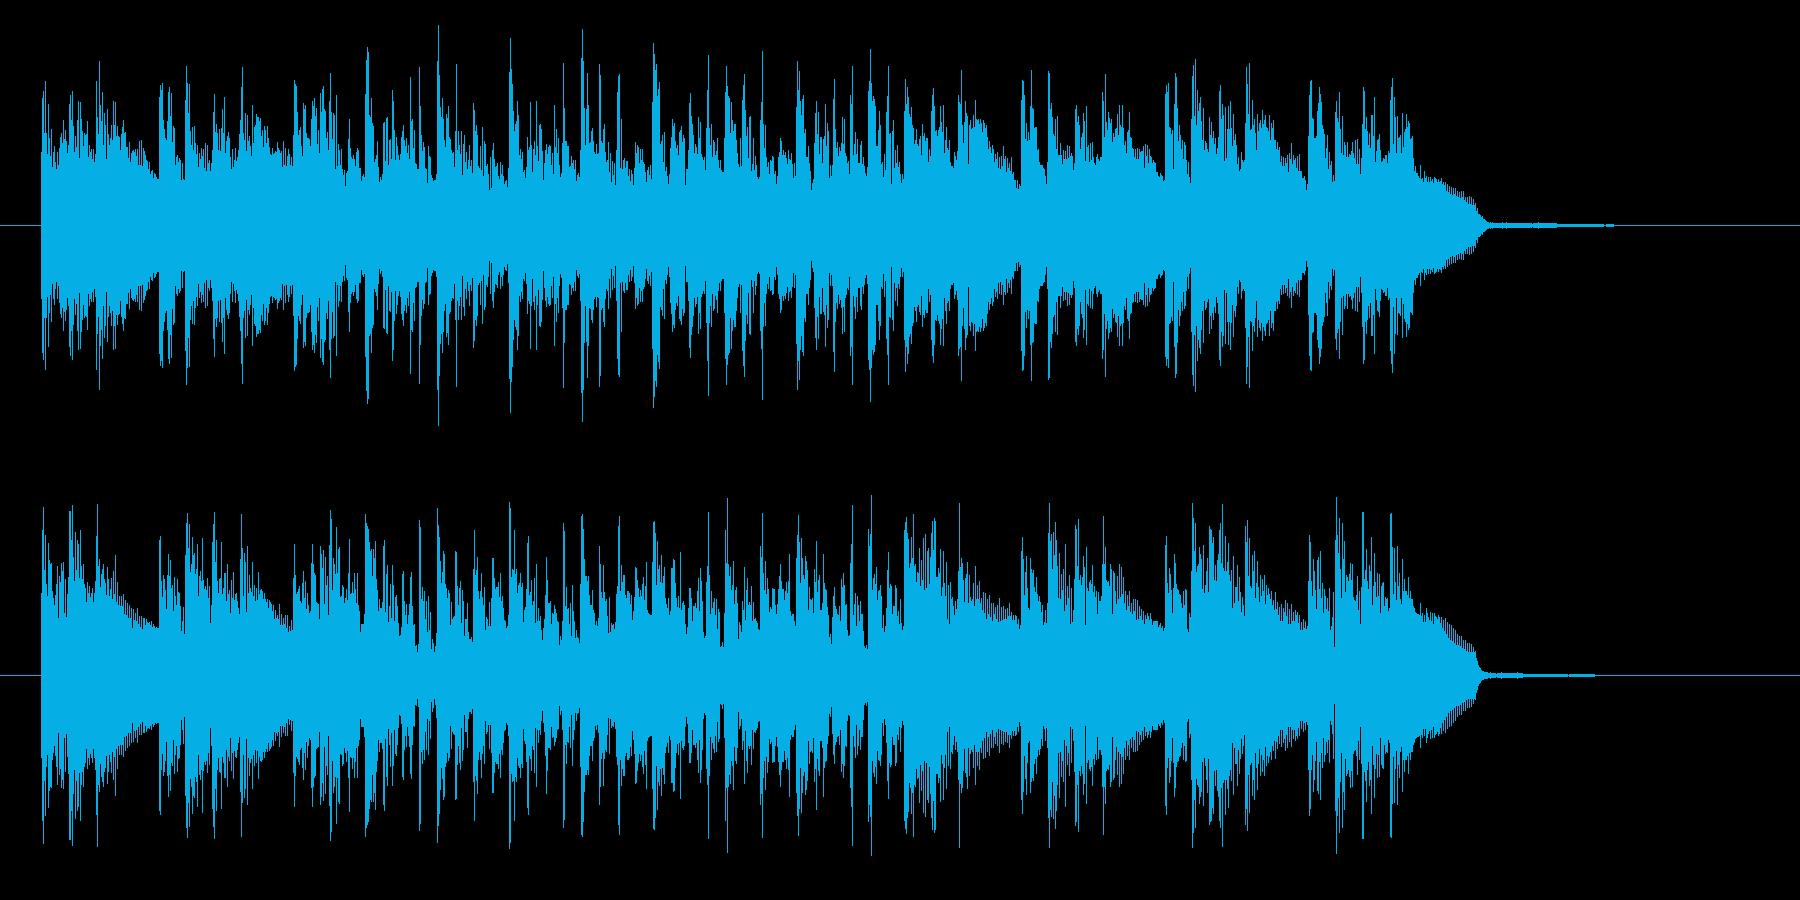 ドラムと電子音の立体的な組み合わせの再生済みの波形